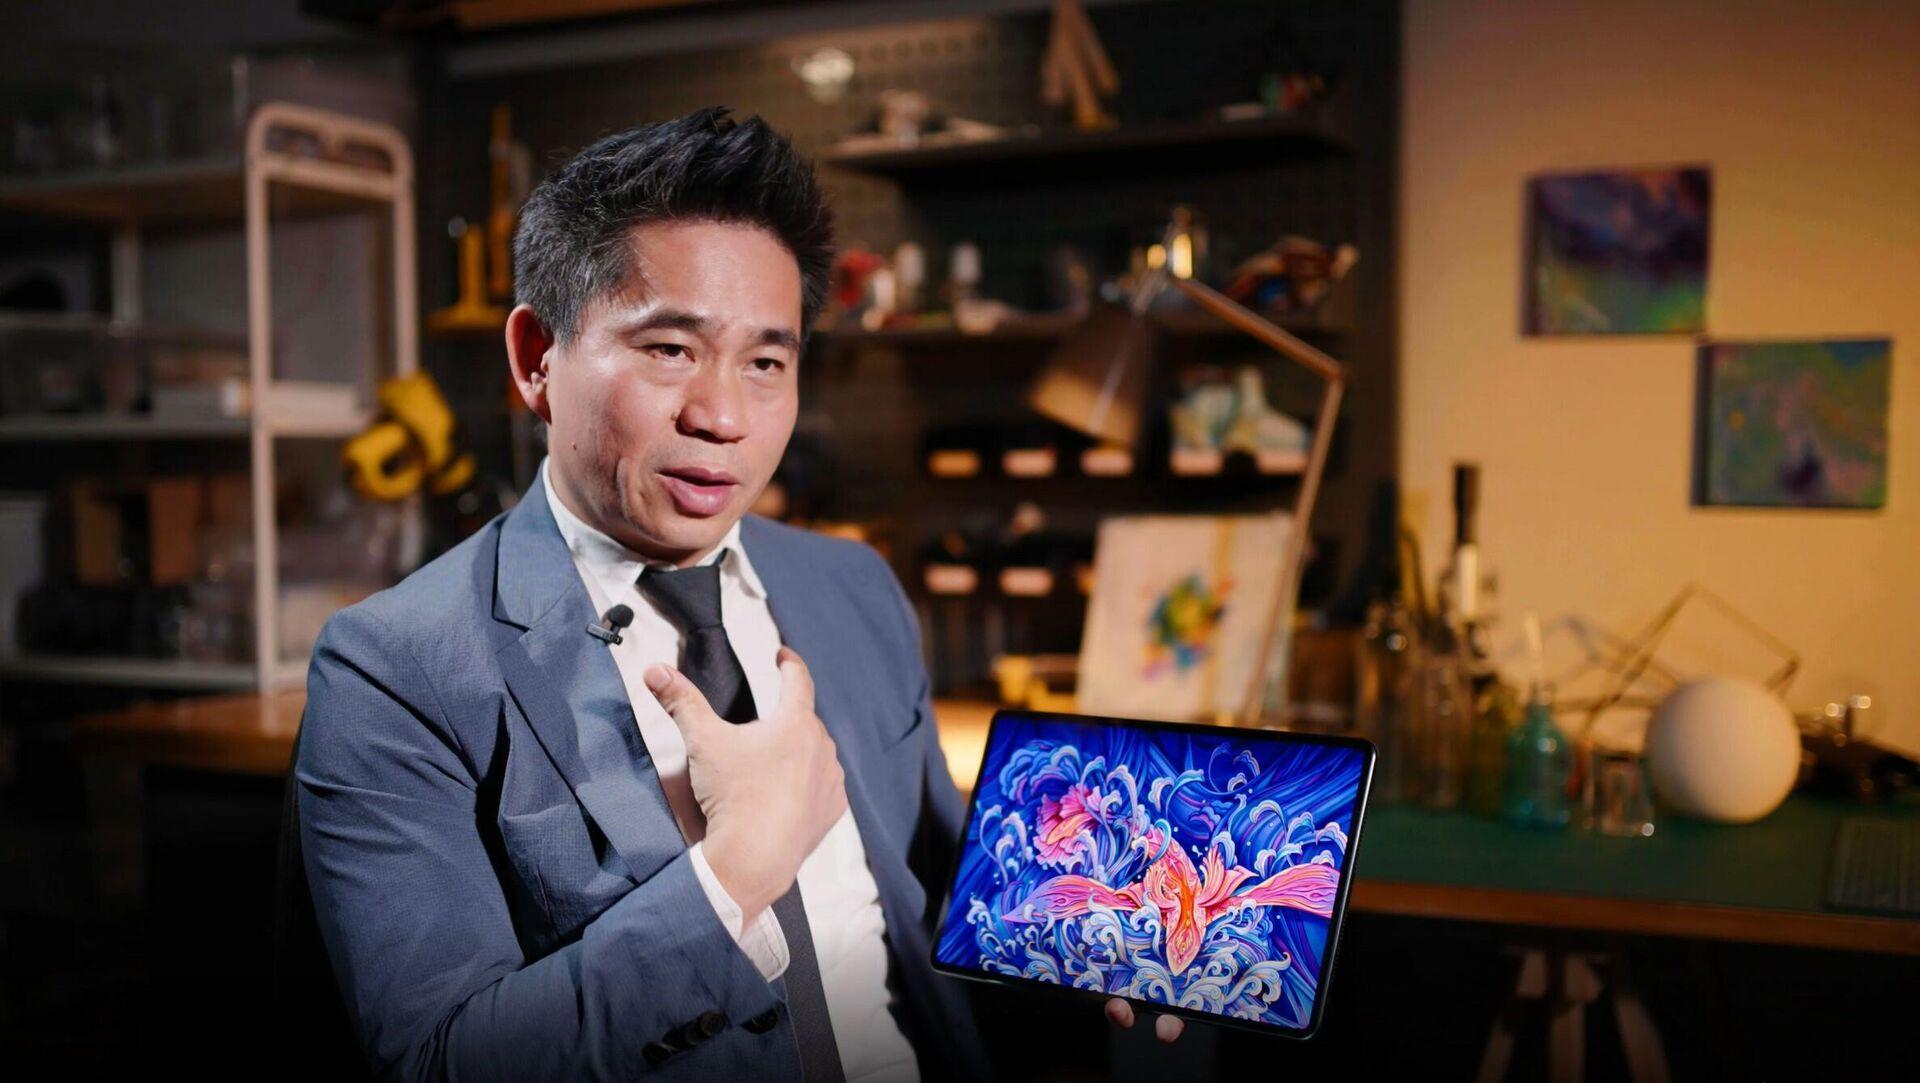 Генеральный директор разработки пользовательского интерфейса Huawei Лян Цзюнь - РИА Новости, 1920, 09.09.2021